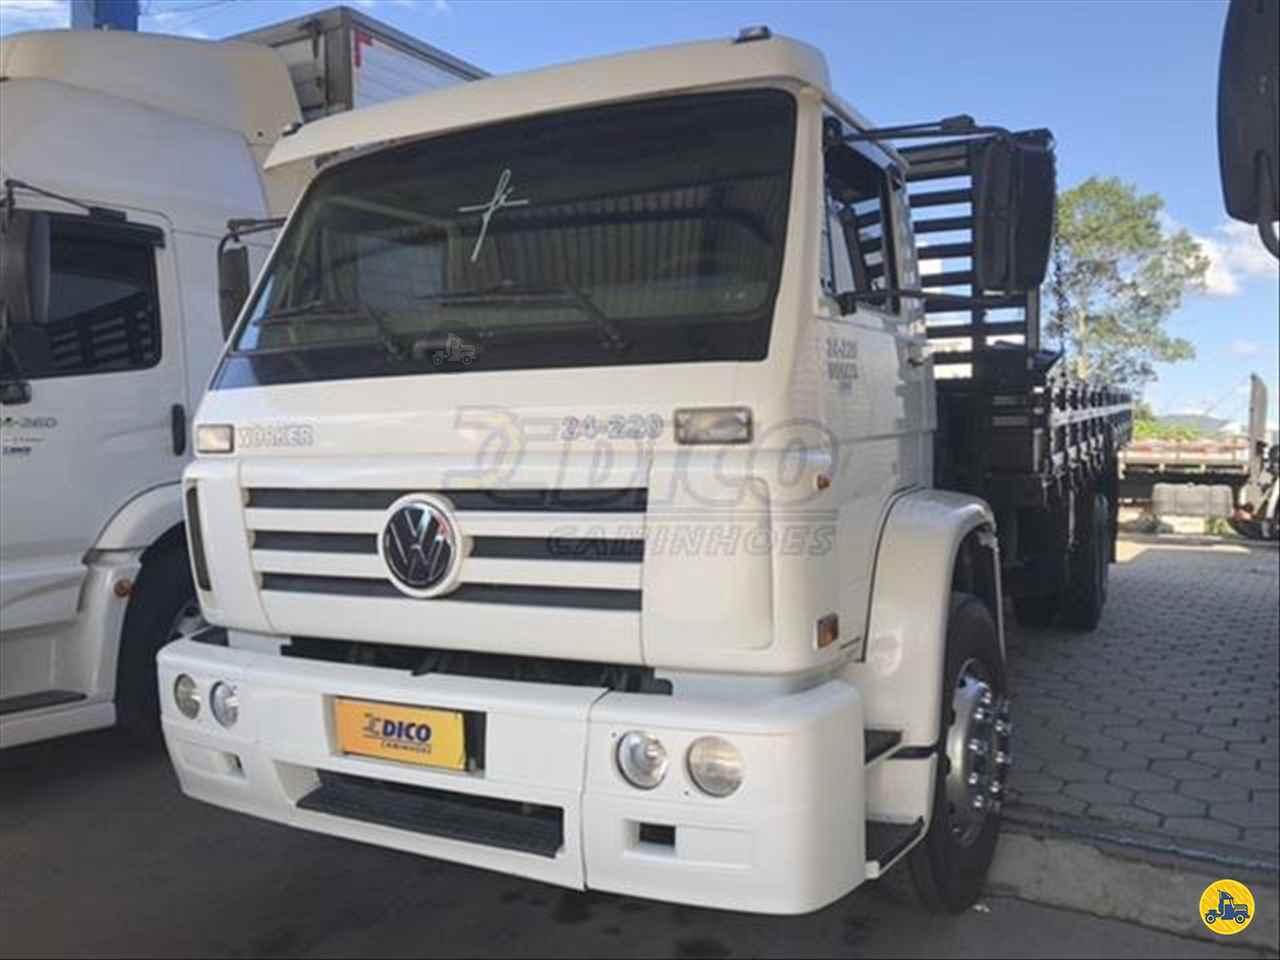 CAMINHAO VOLKSWAGEN VW 24220 Carga Seca Truck 6x2 Dico Caminhões RIO DO SUL SANTA CATARINA SC